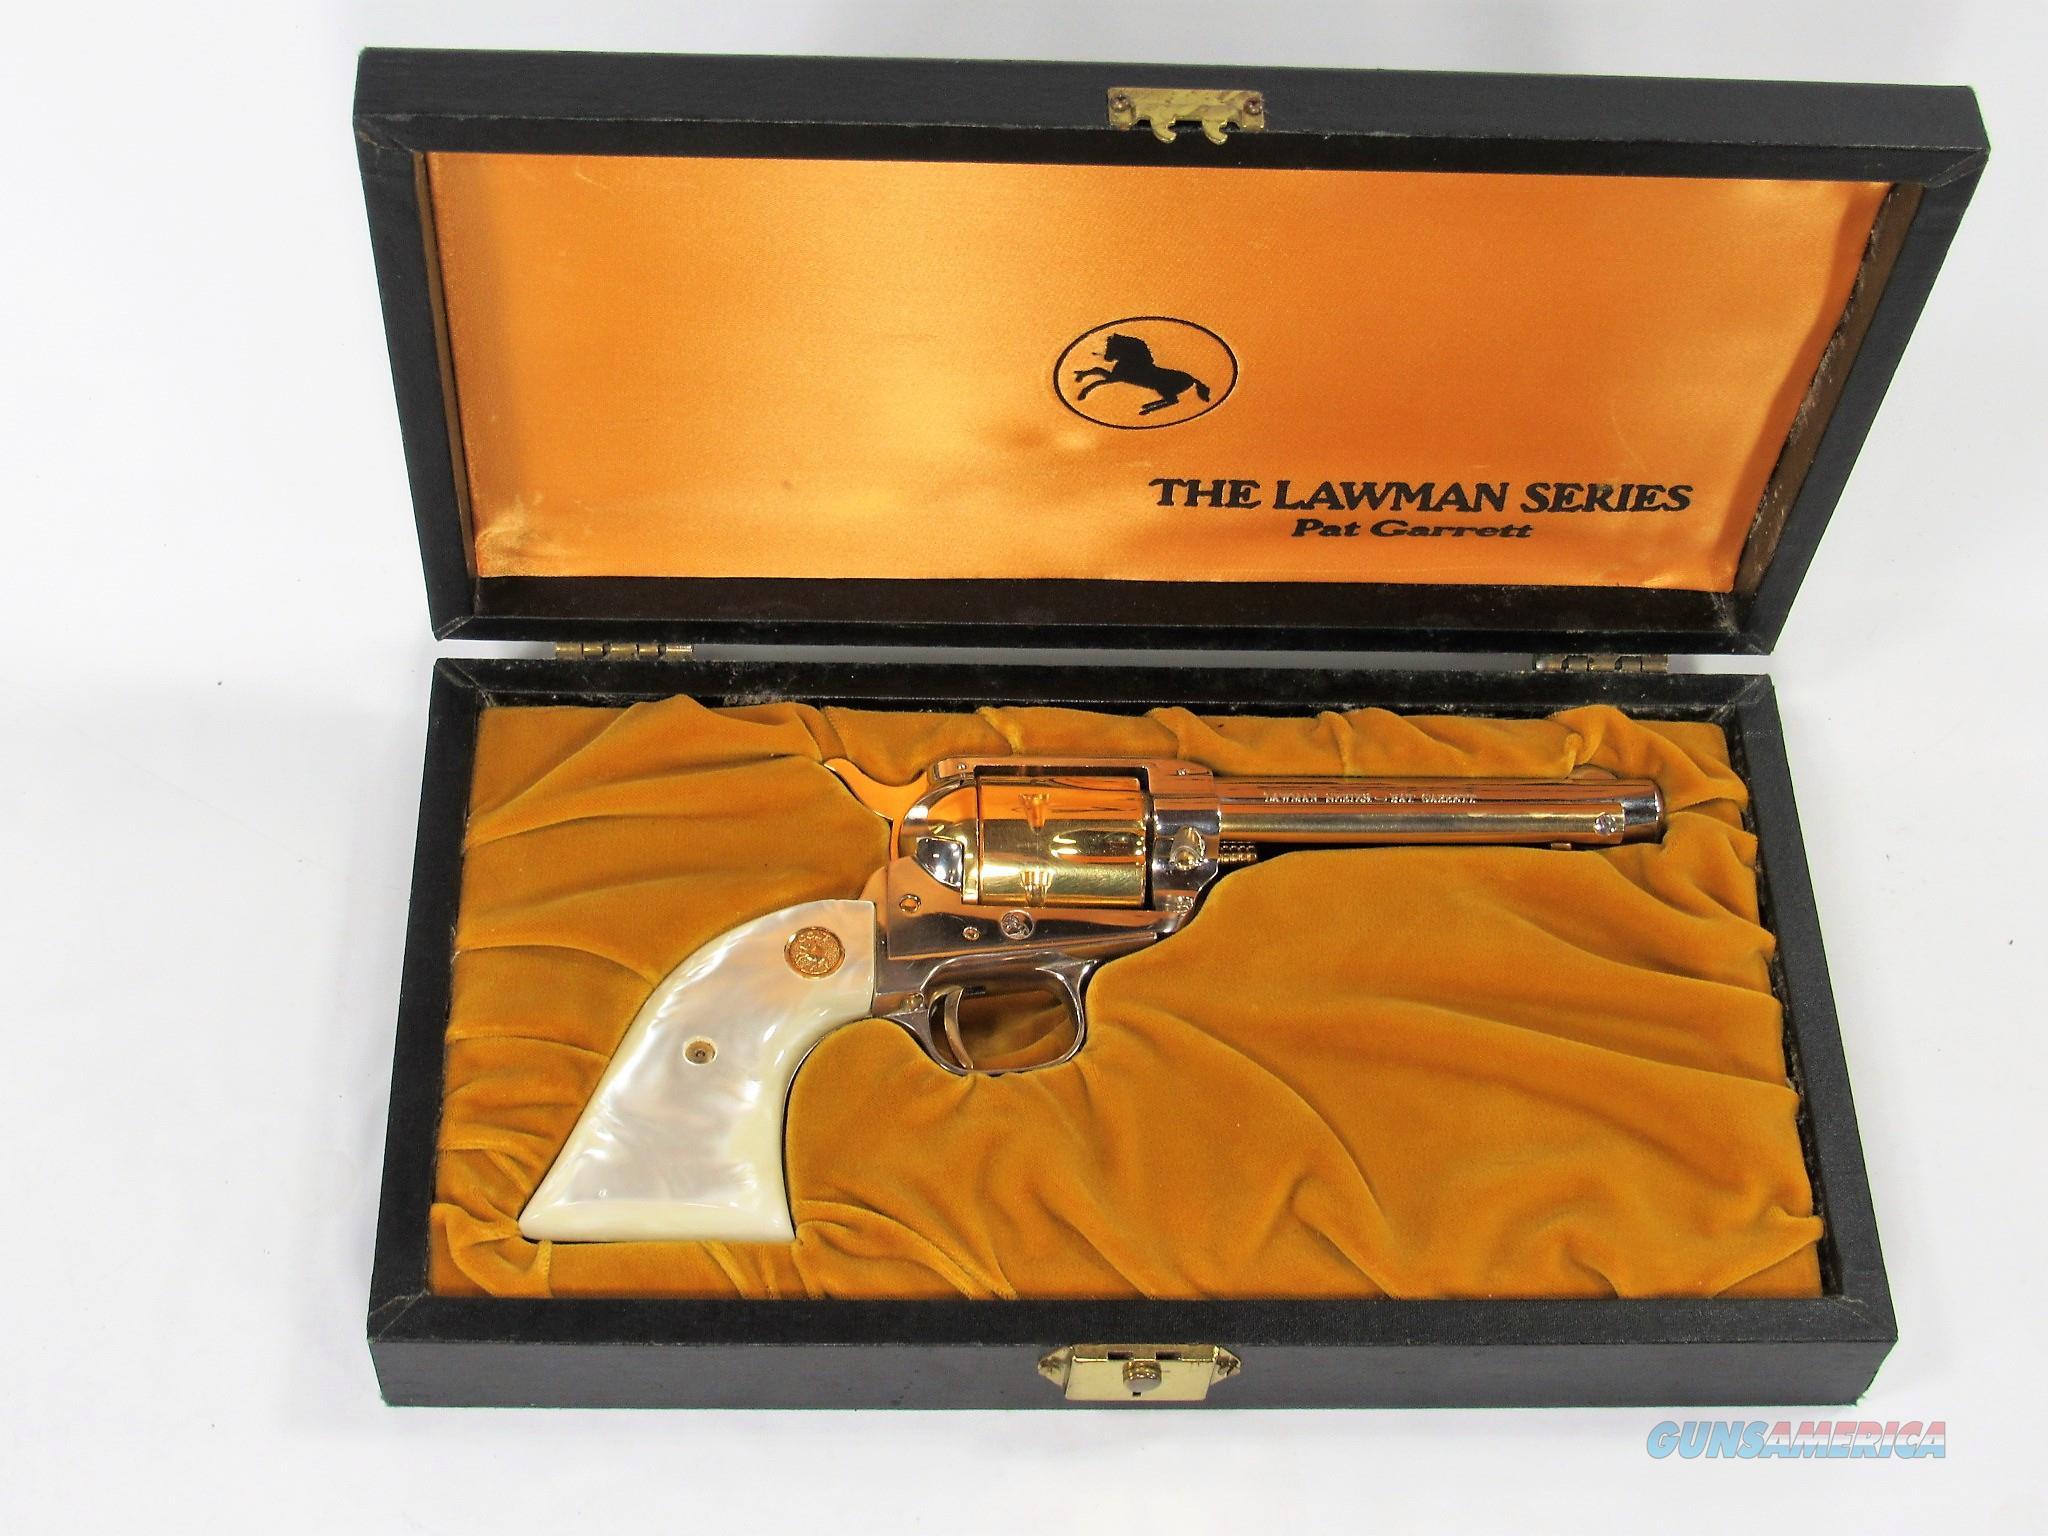 125Y COLT FRONTIER SCOUT 22 LAWMAN SERIES PAT GARRETT  Guns > Pistols > Colt Single Action Revolvers - Modern (22 Cal.)